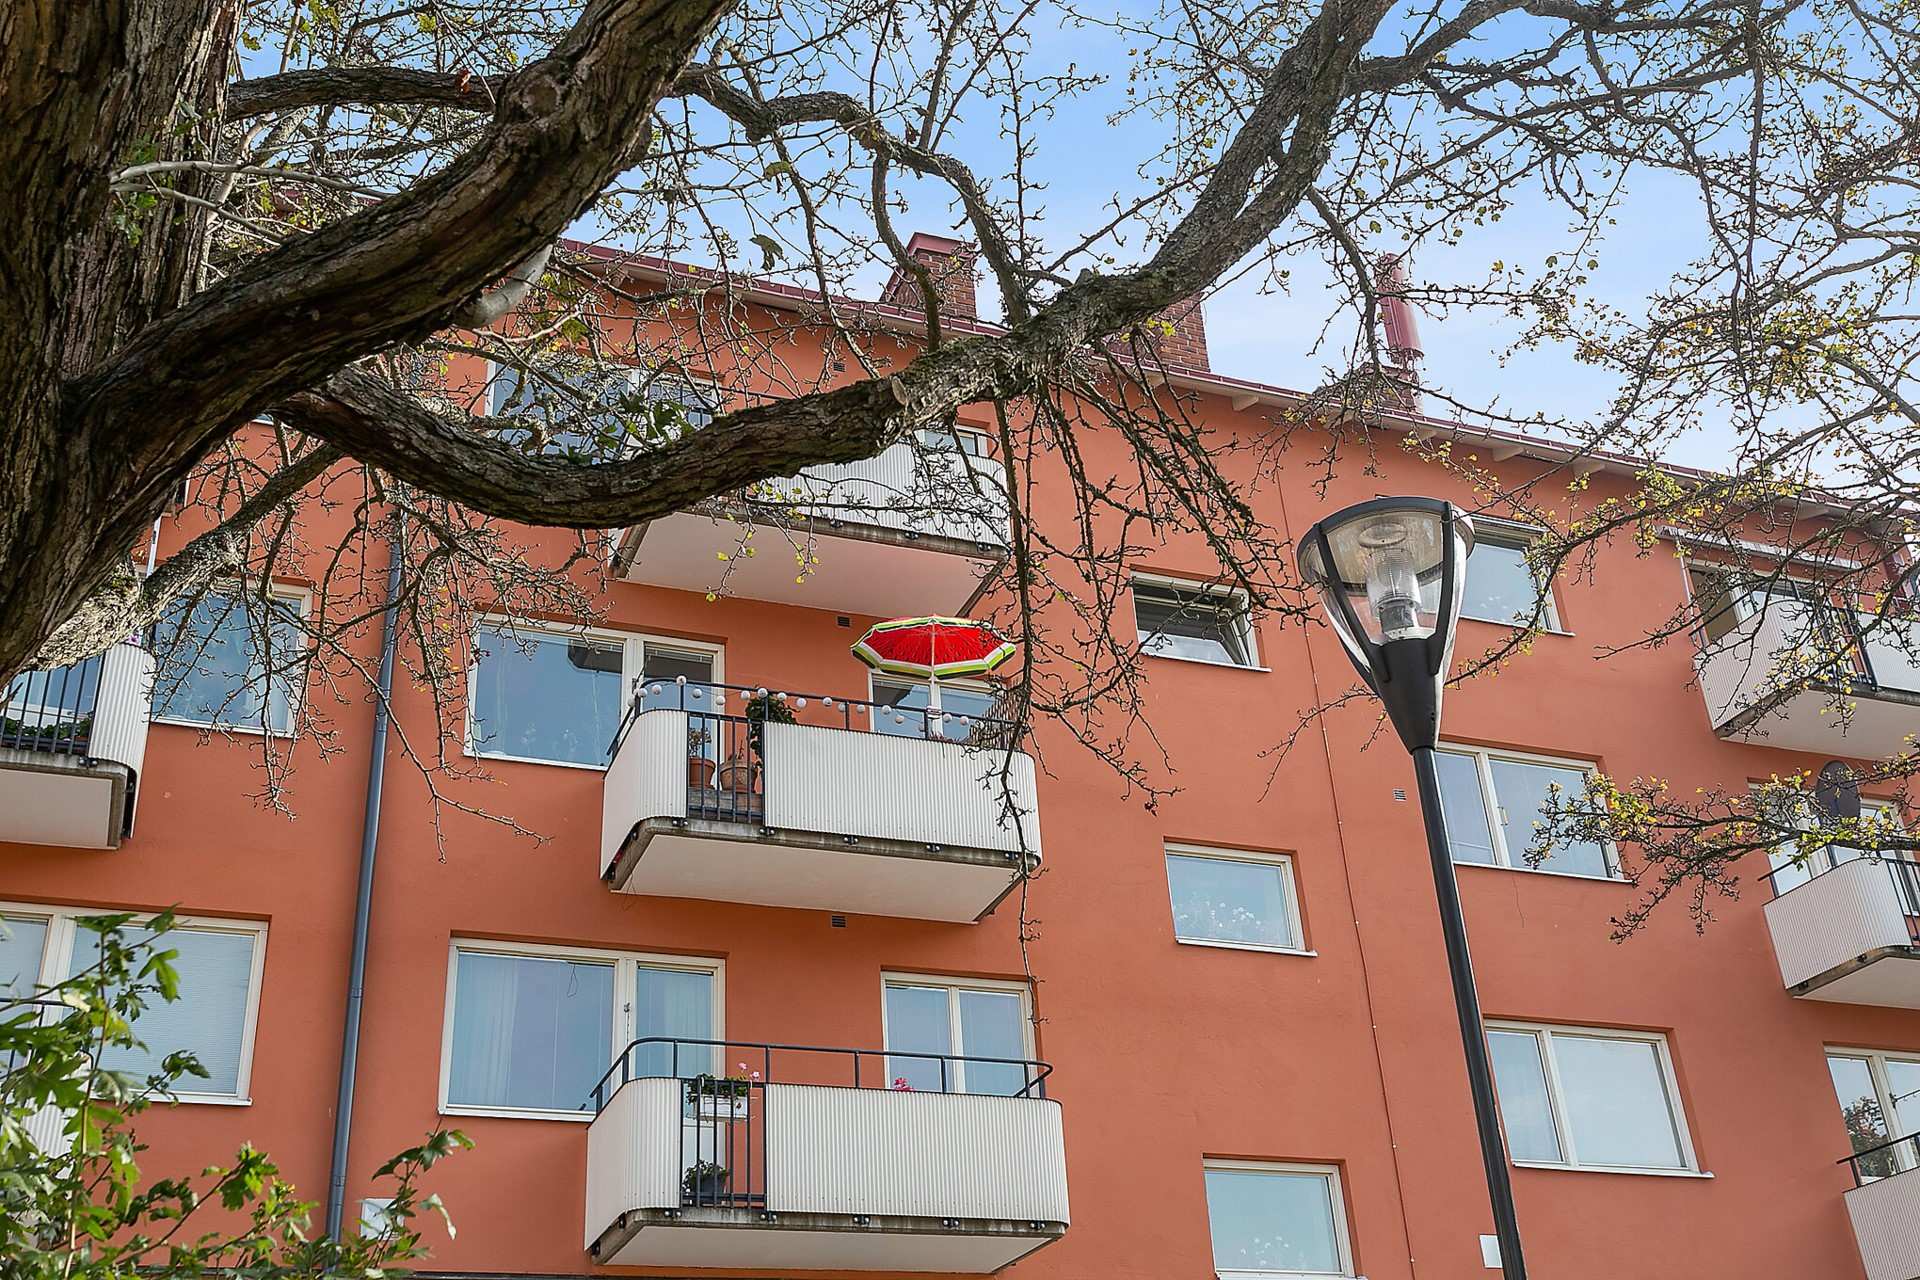 Fågeltorget 169, 2tr - Härligt balkong mot Fågeltorget.